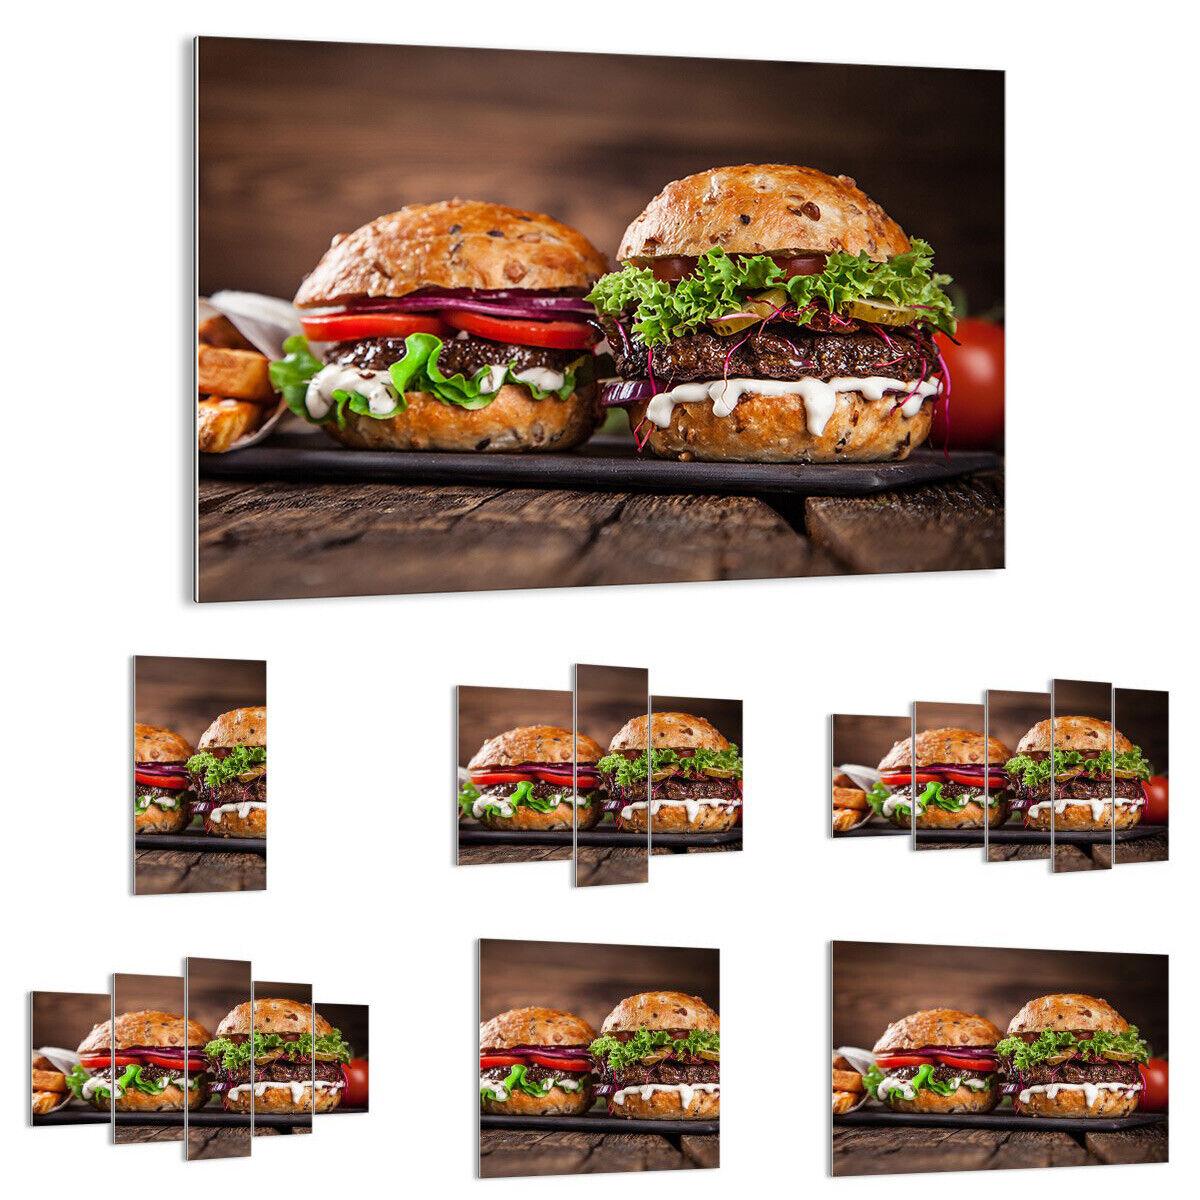 GLASBILD Wandbild Deko Amerikaner Hamburger Essen Barbecue 2869 DE